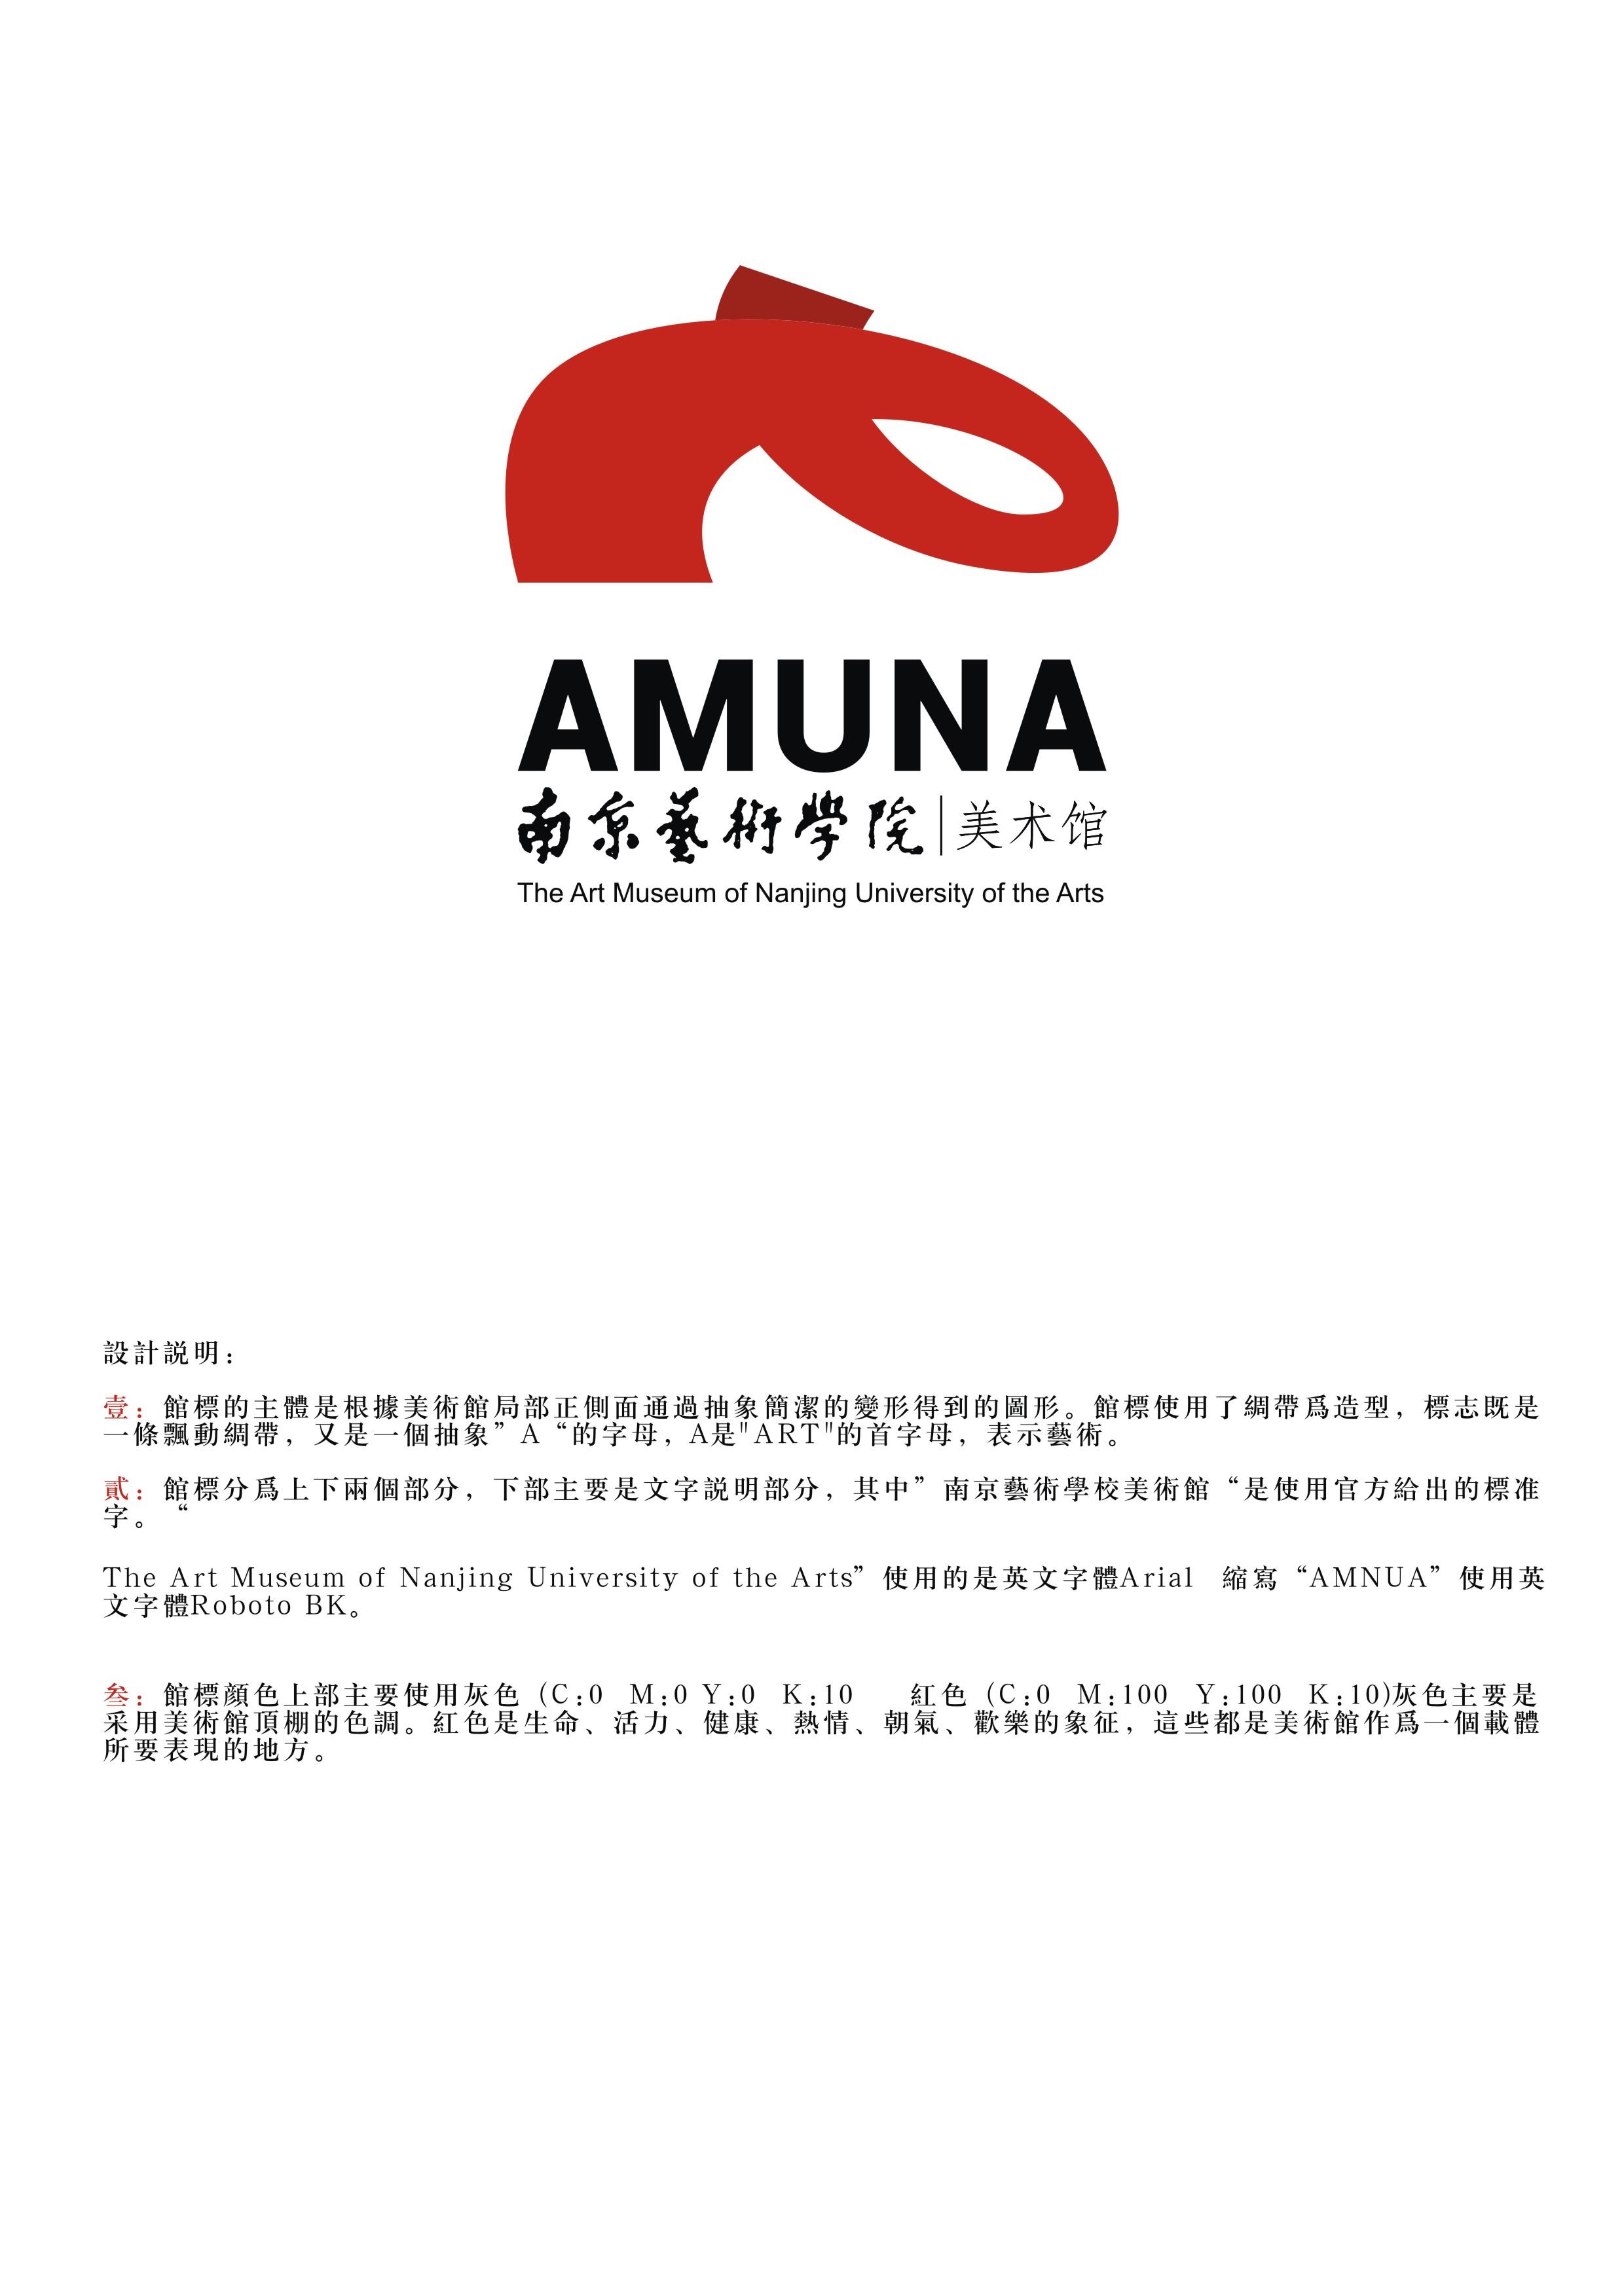 参加南京美术馆馆标的征集比赛 平面 标志 lowj图片